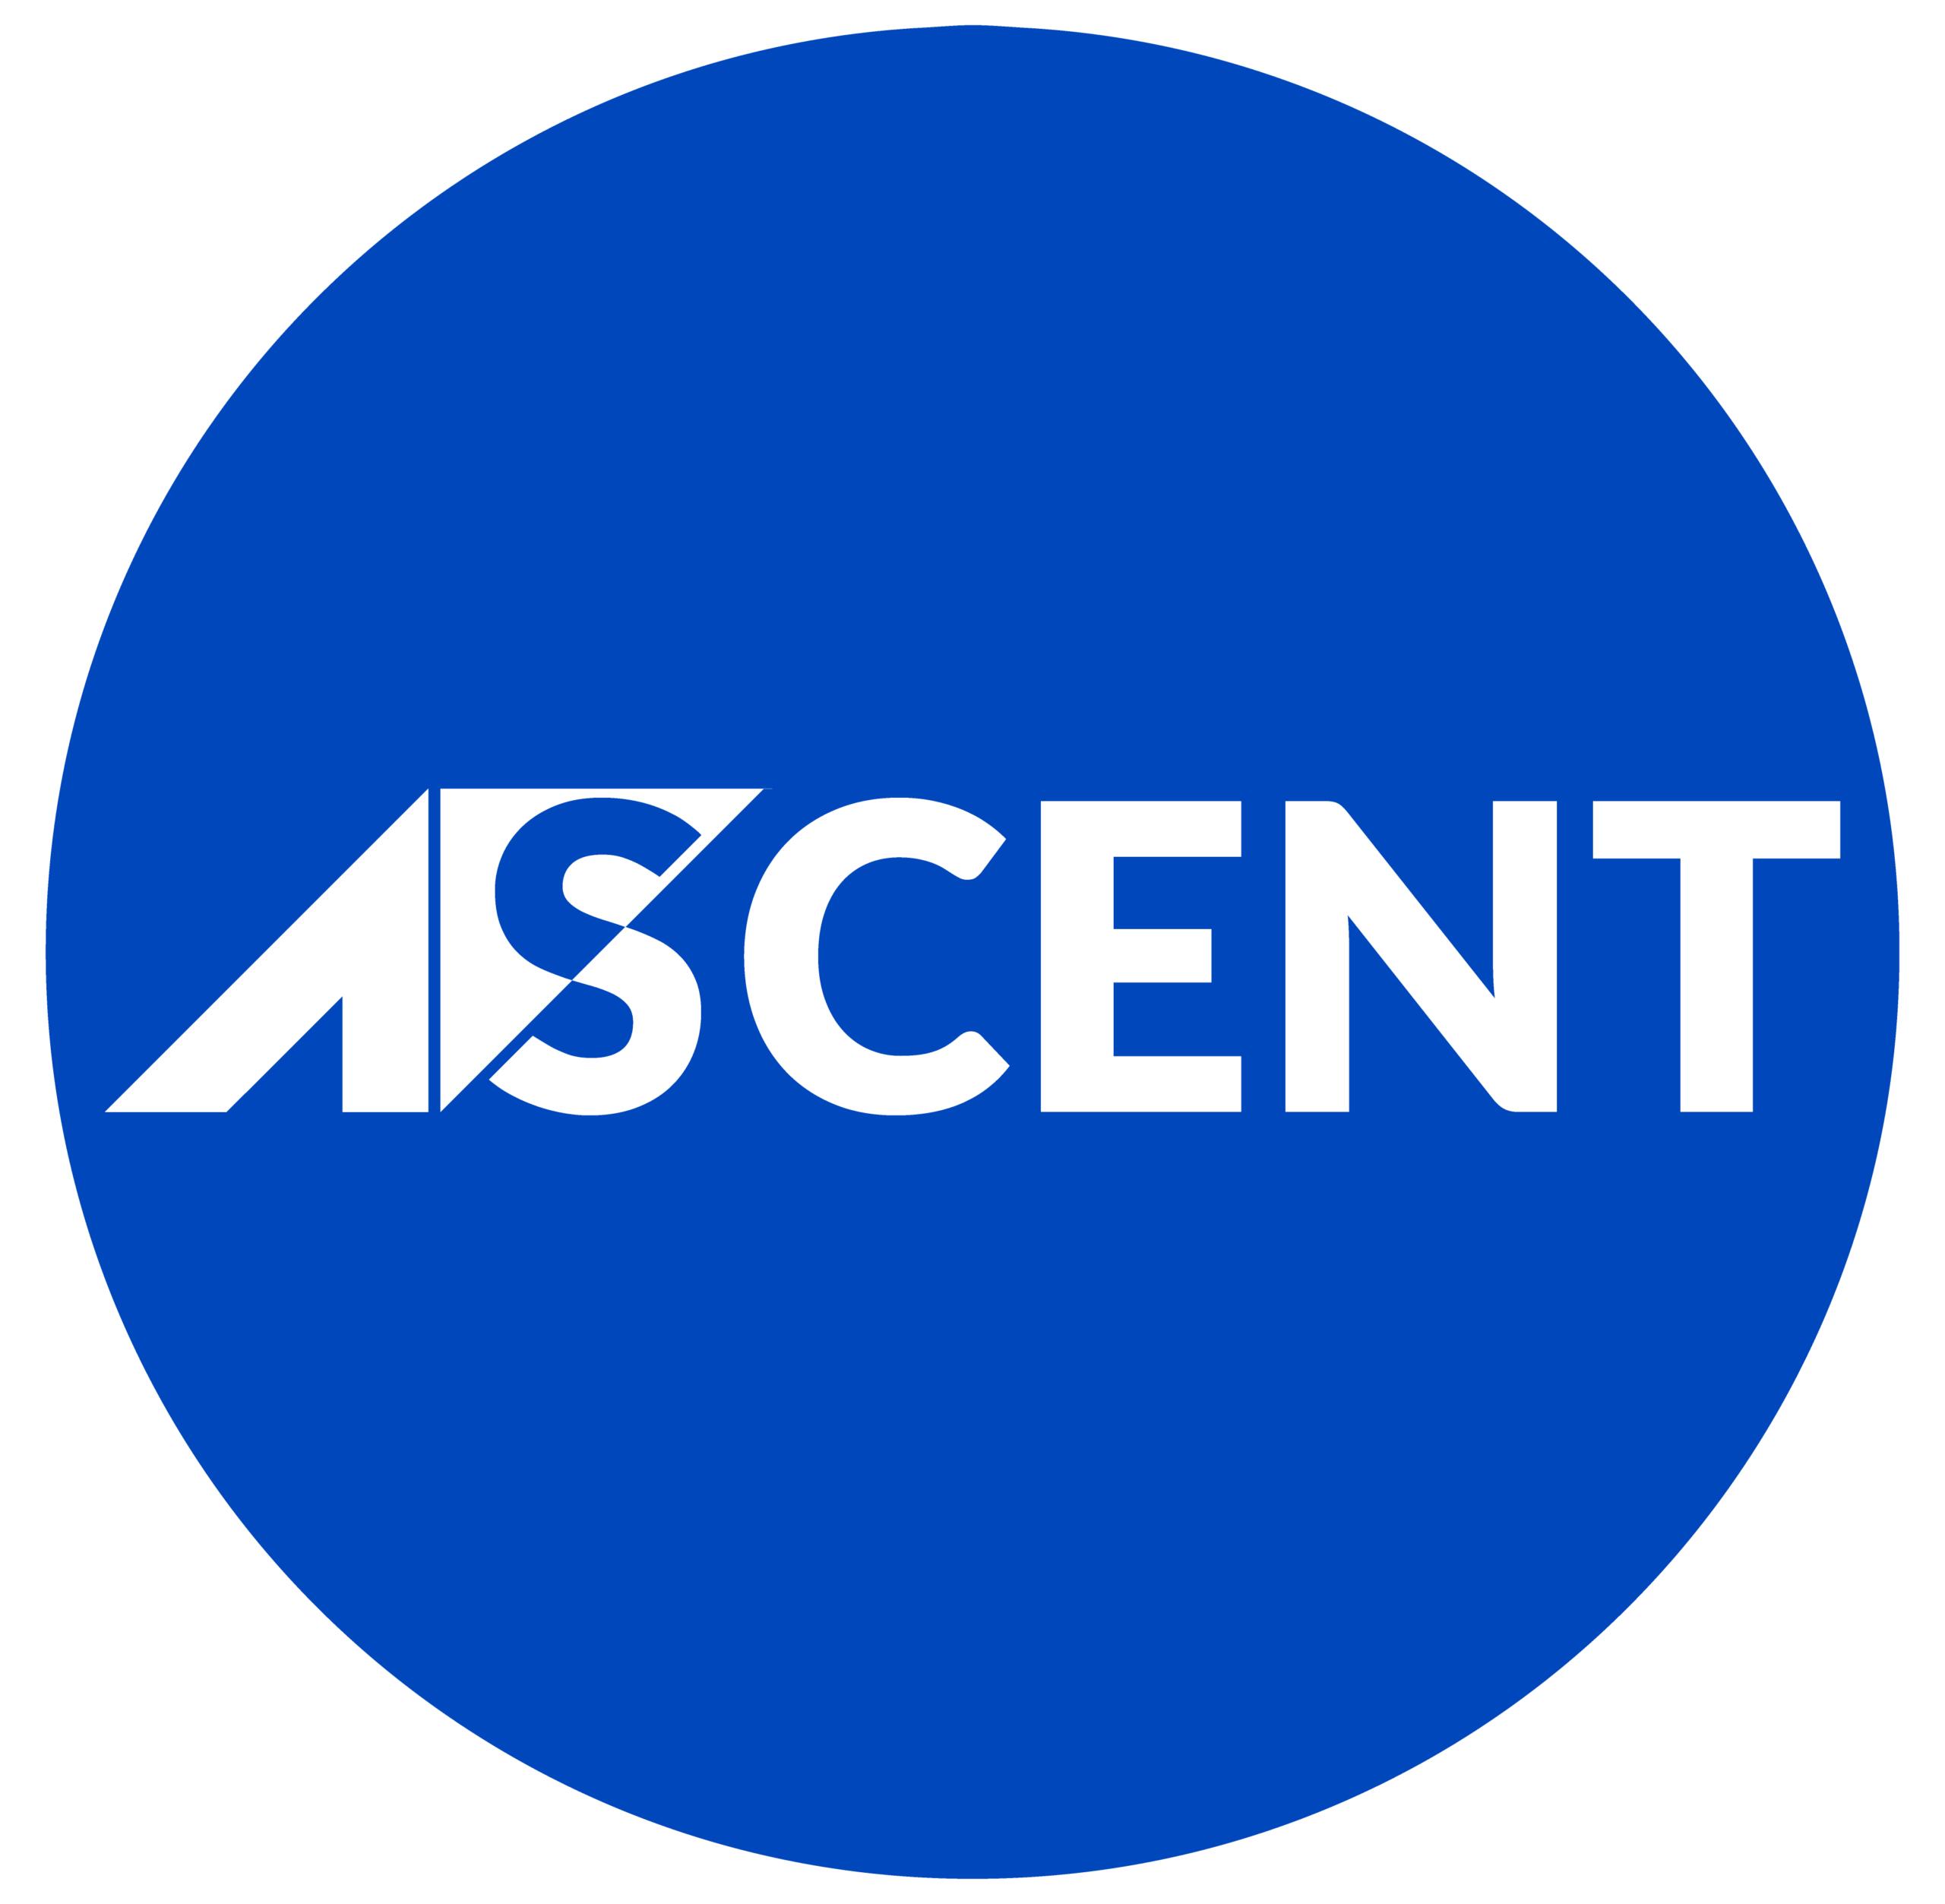 Ascent BTC